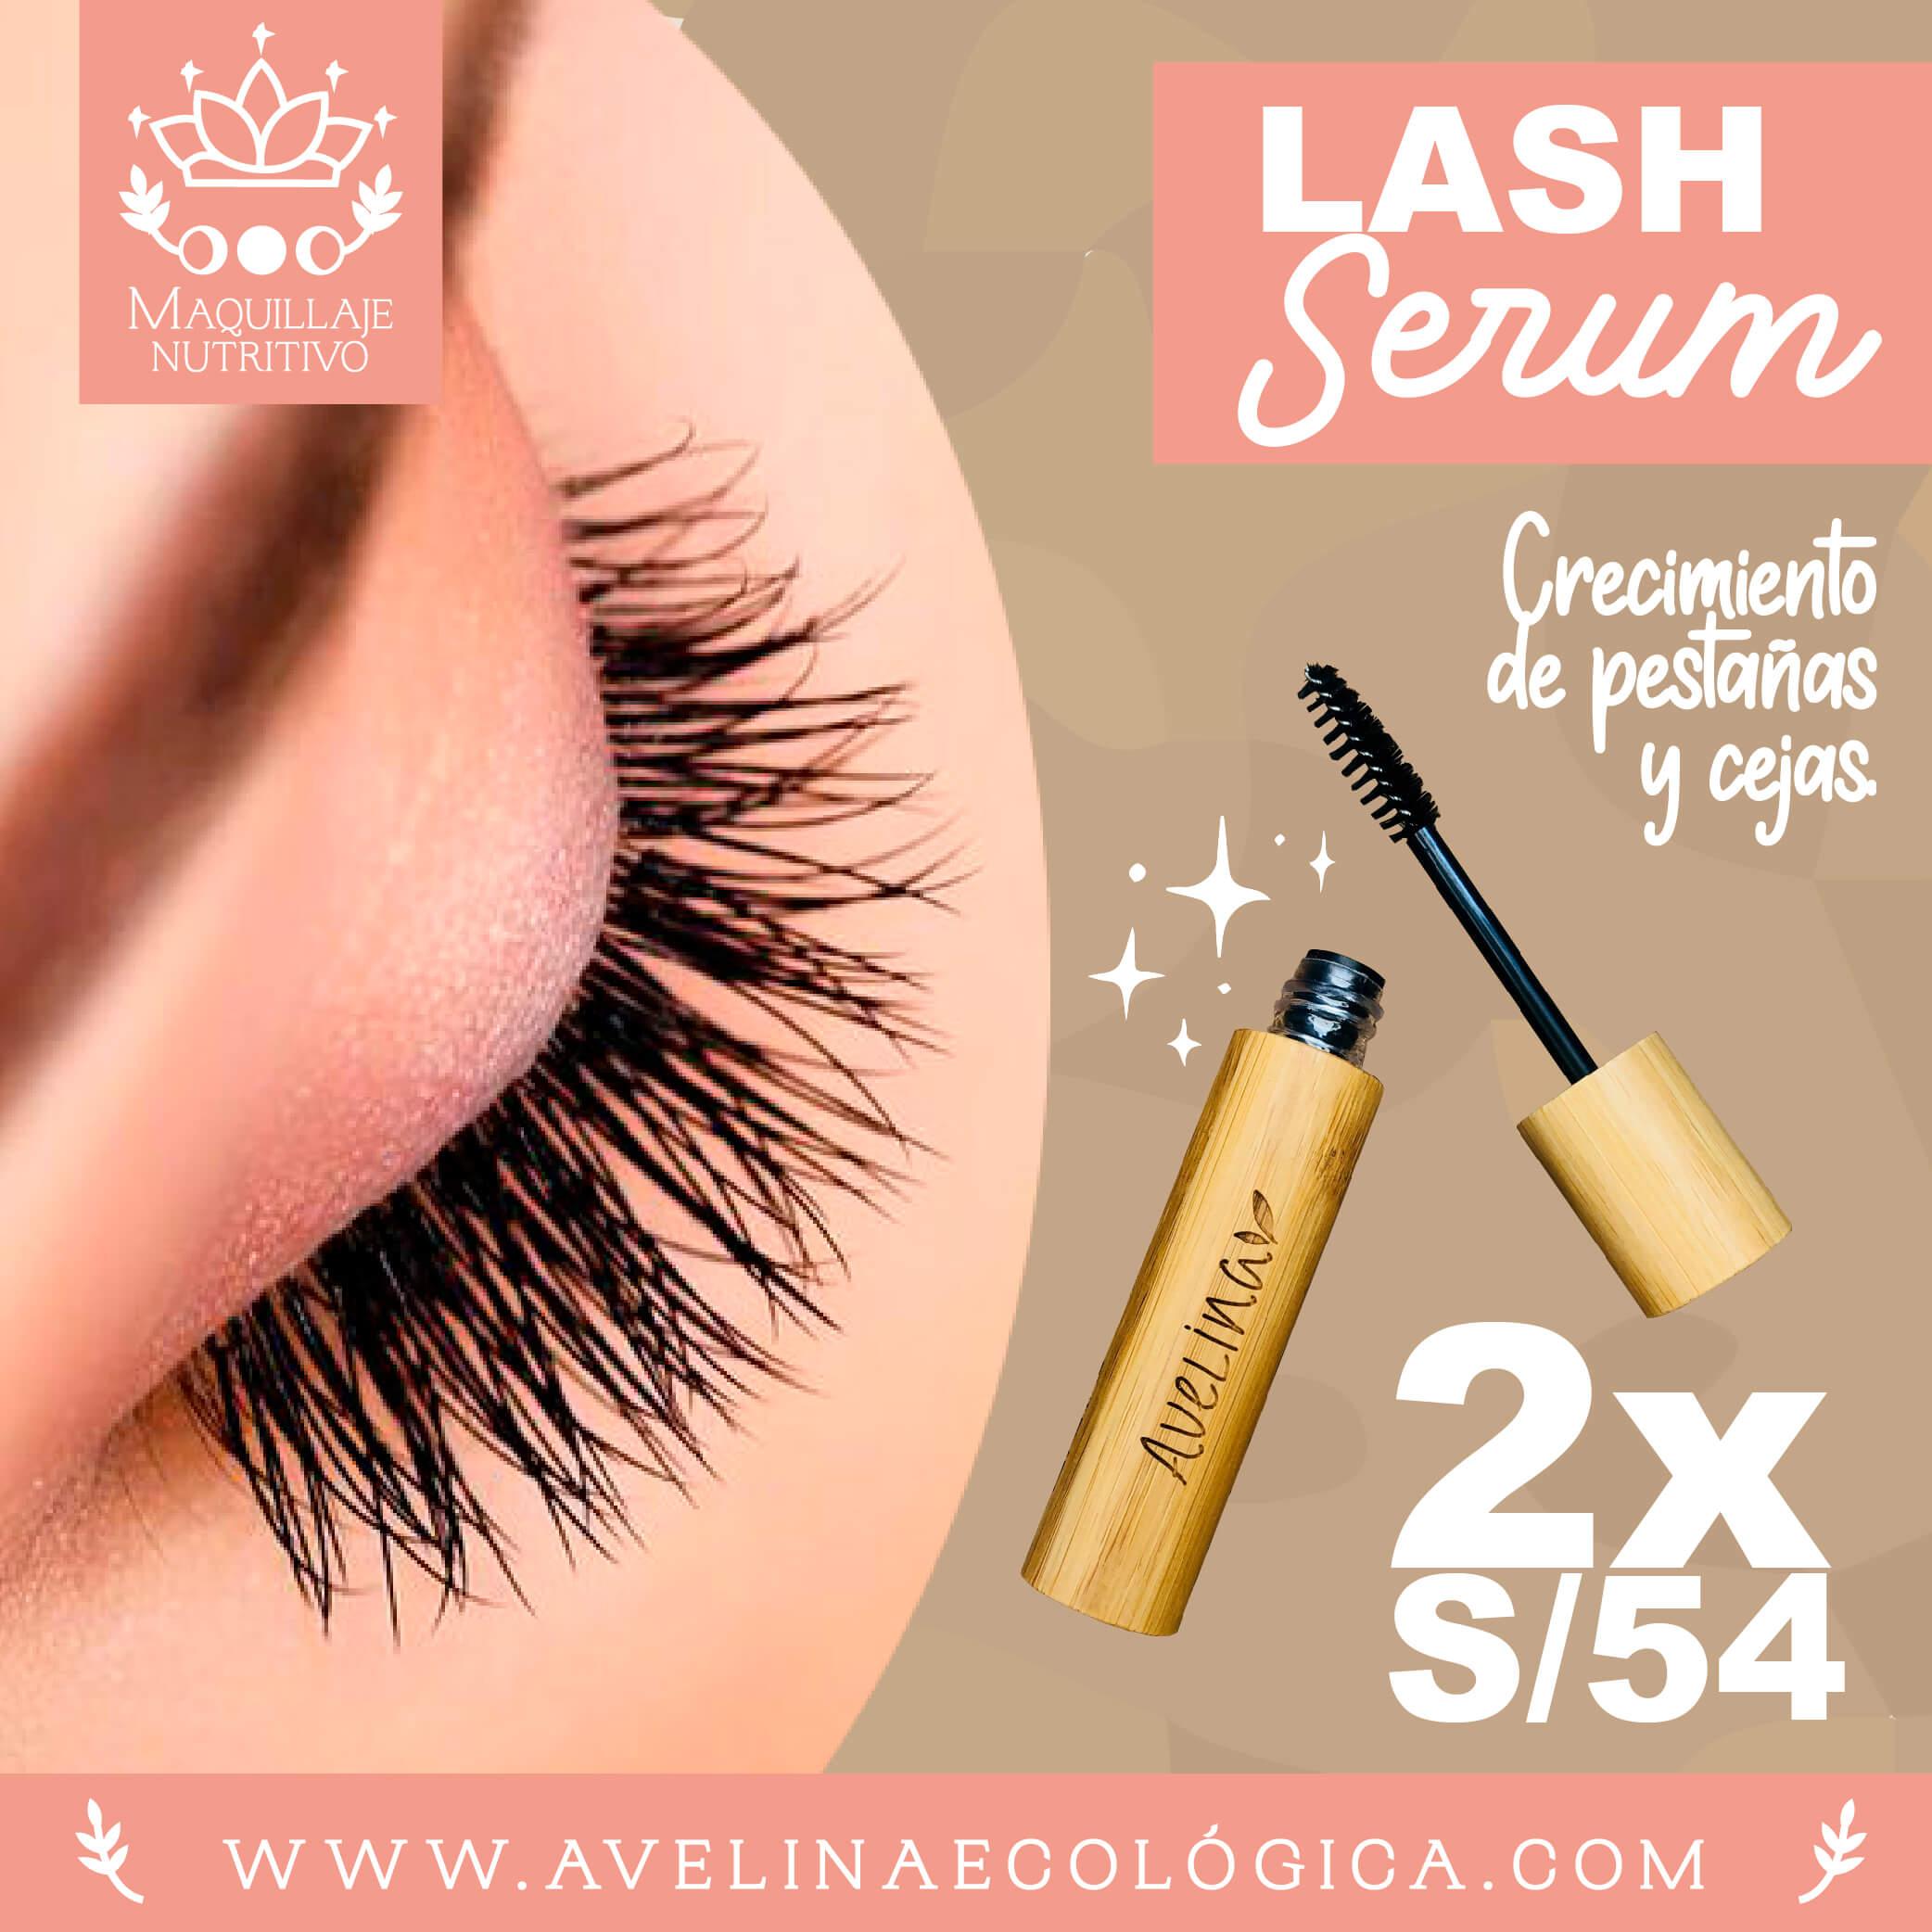 Glorious Lash Serum natural